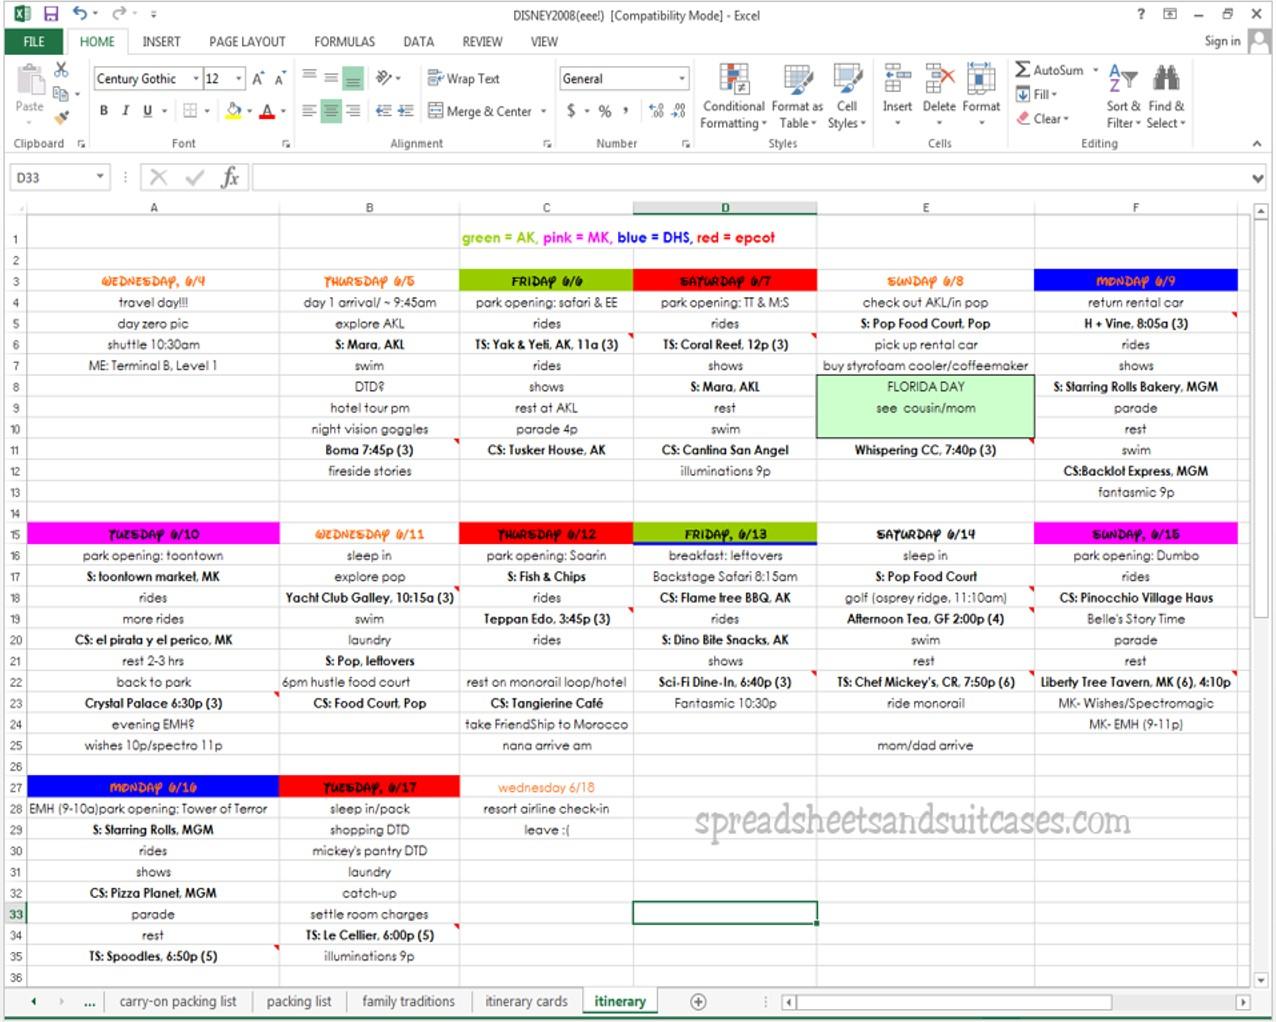 Cruise Planning Spreadsheet Regarding Travel Planning For Dorks Spreadsheet Tutorial Part 5